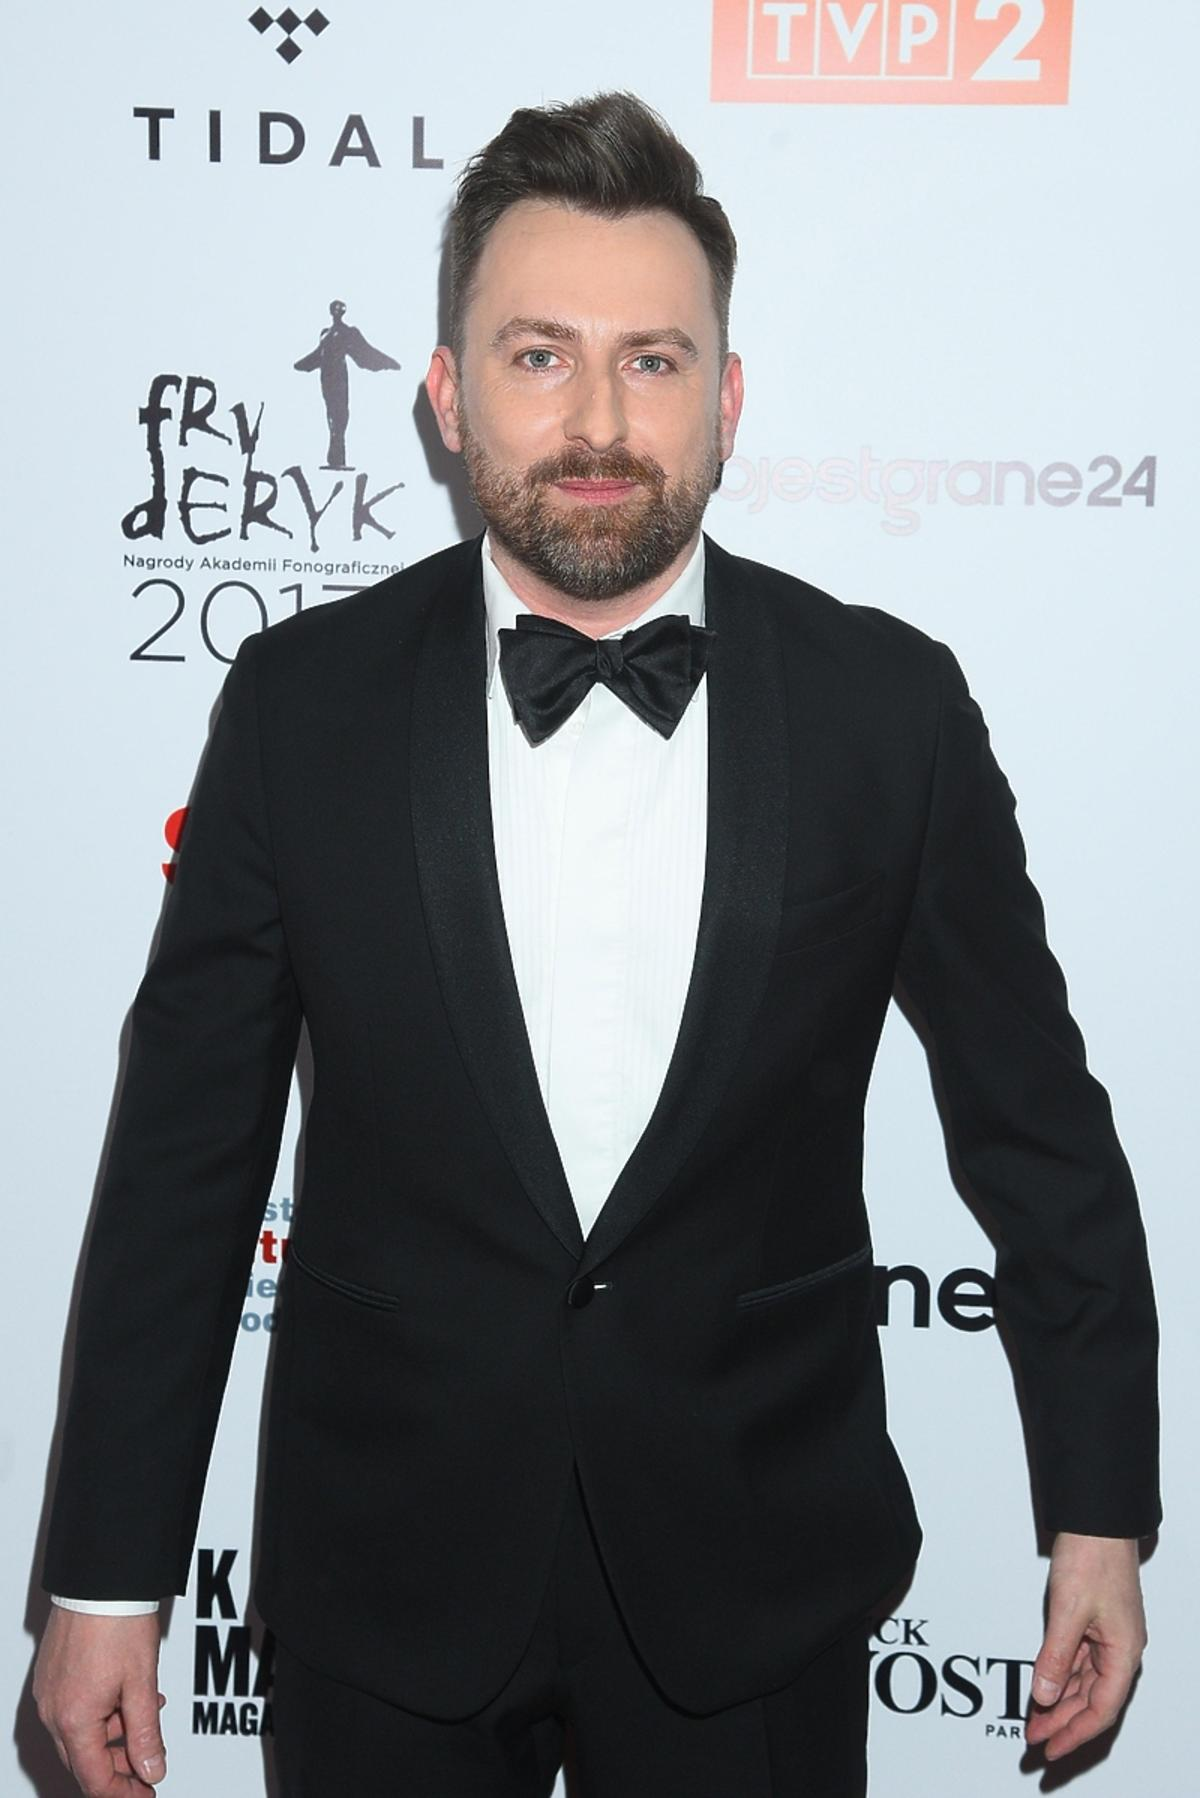 Stanisław Trzciński z agencji STX JAMBOREE